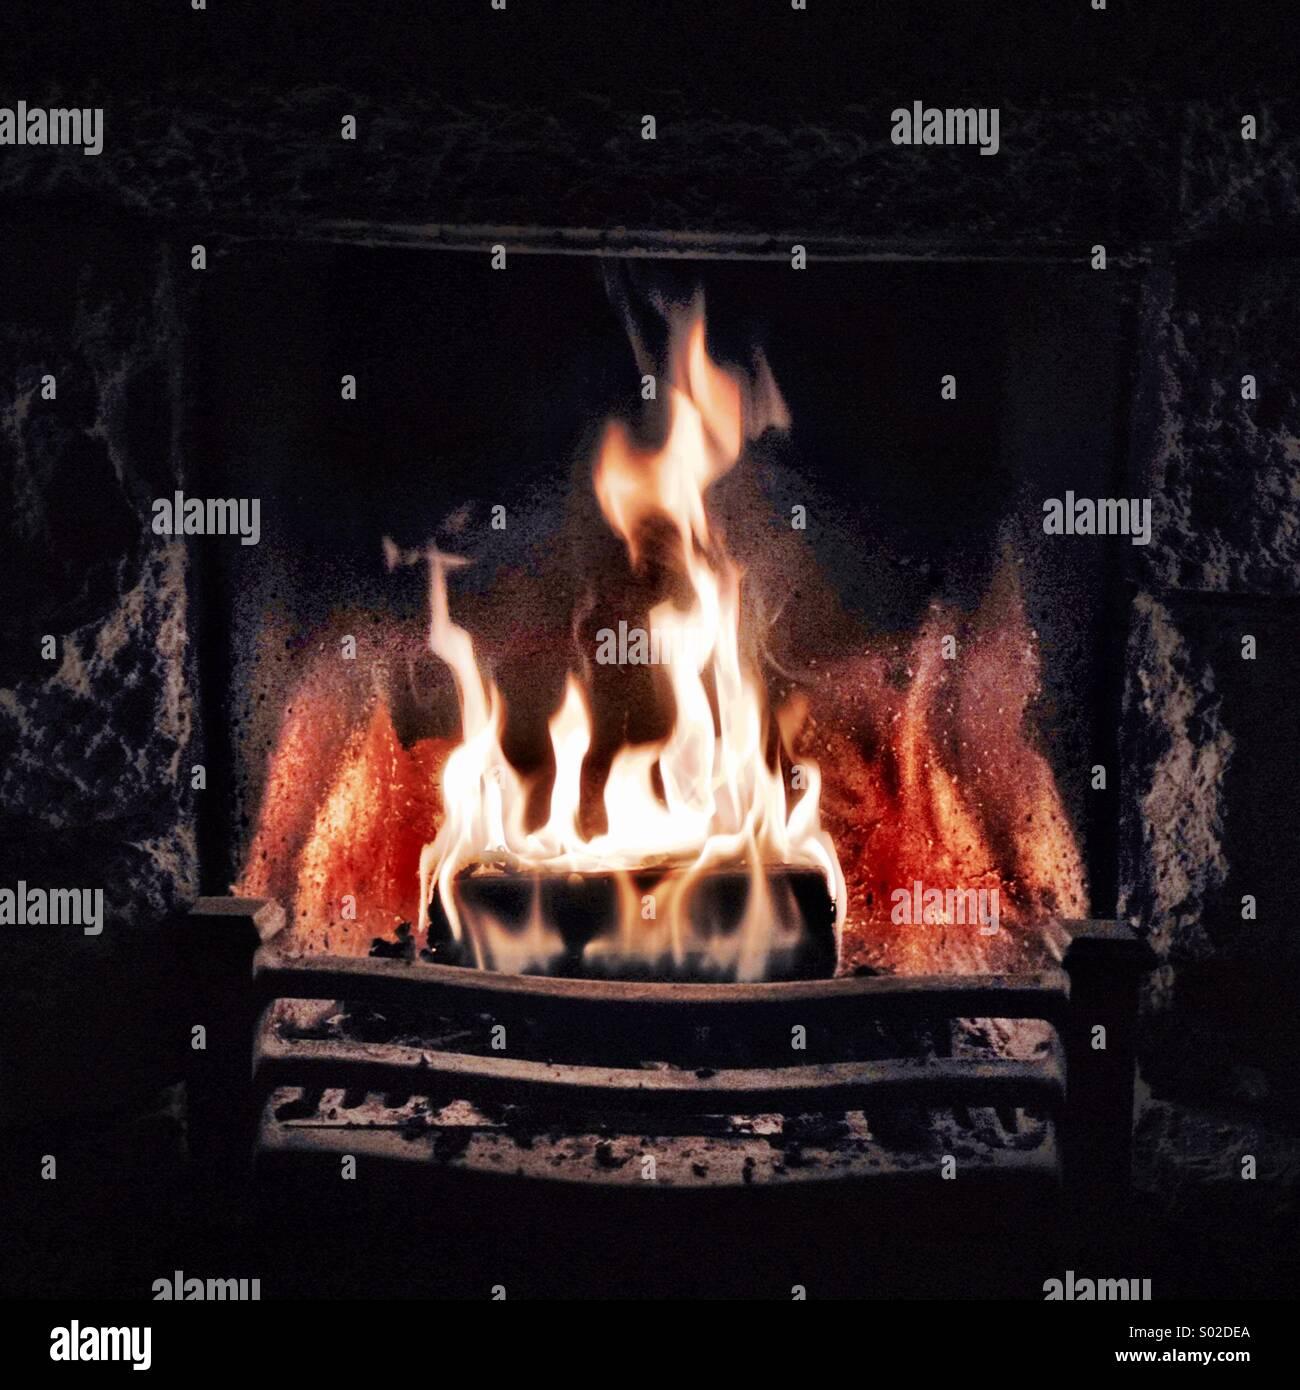 Offenes Feuer In Einem Kamin Stockfoto Bild 309841122 Alamy